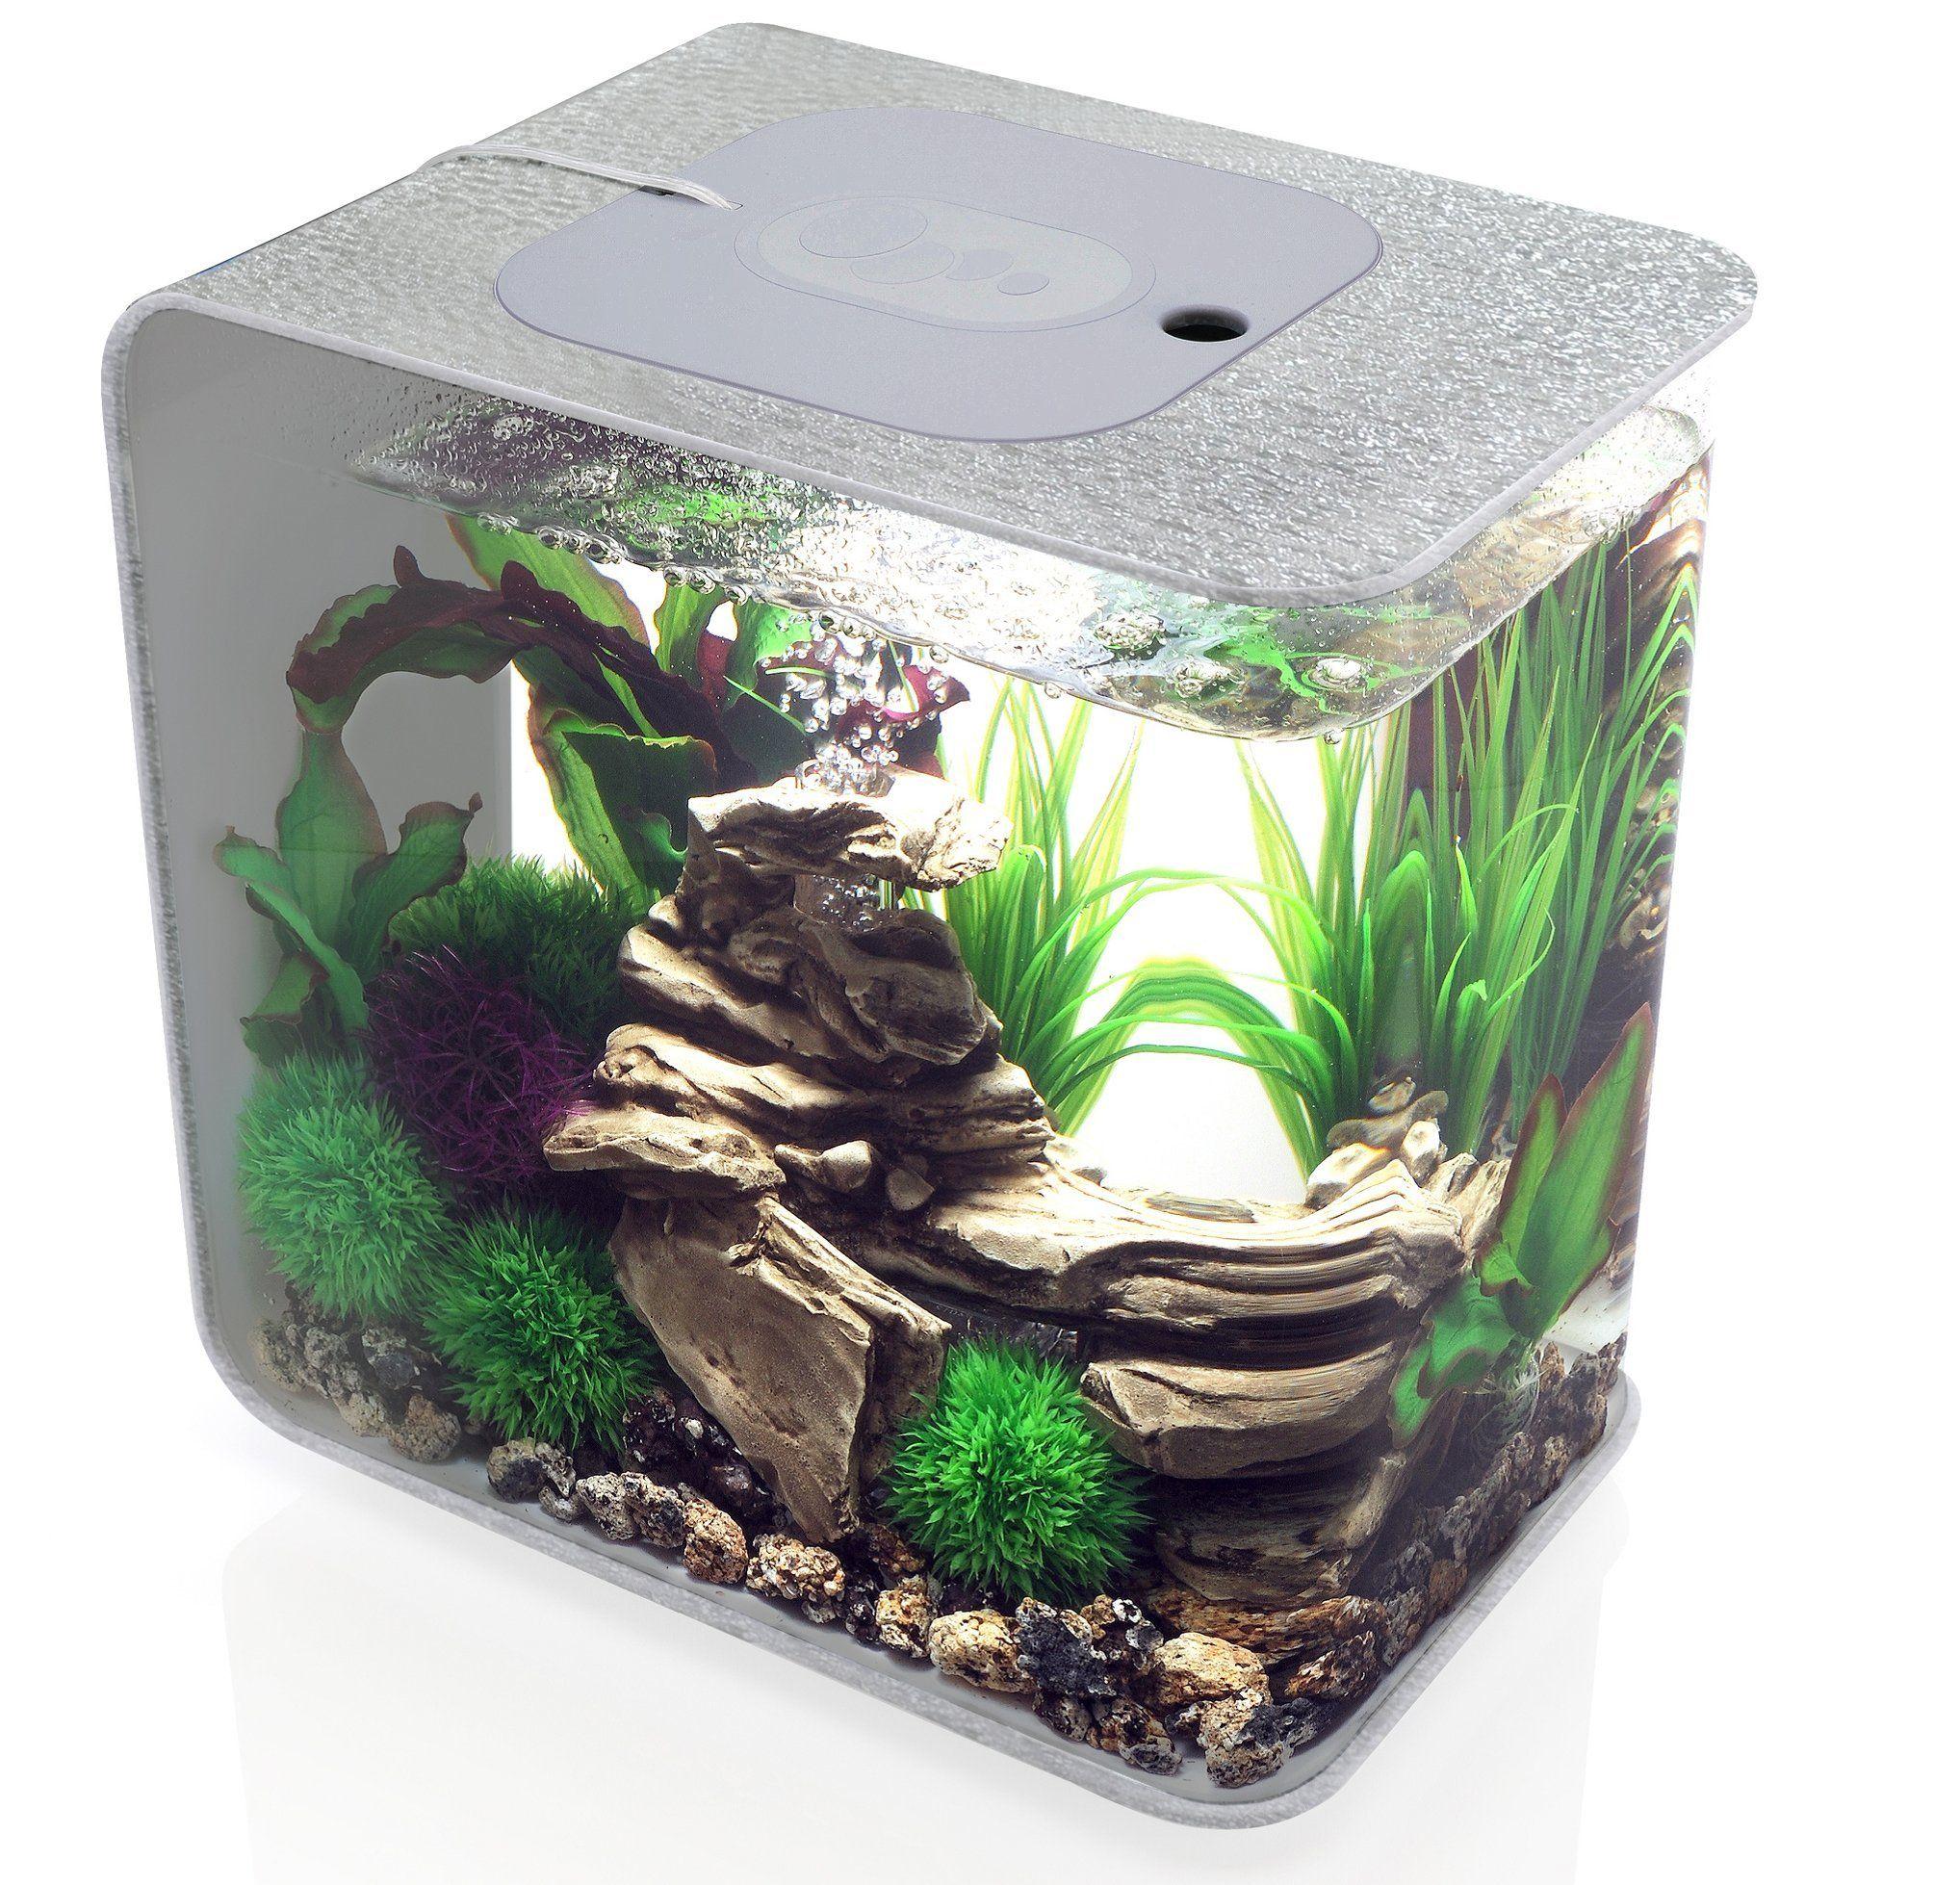 biOrb Flow Aquarium, 15 Litre, Silver, LED Light Amazon